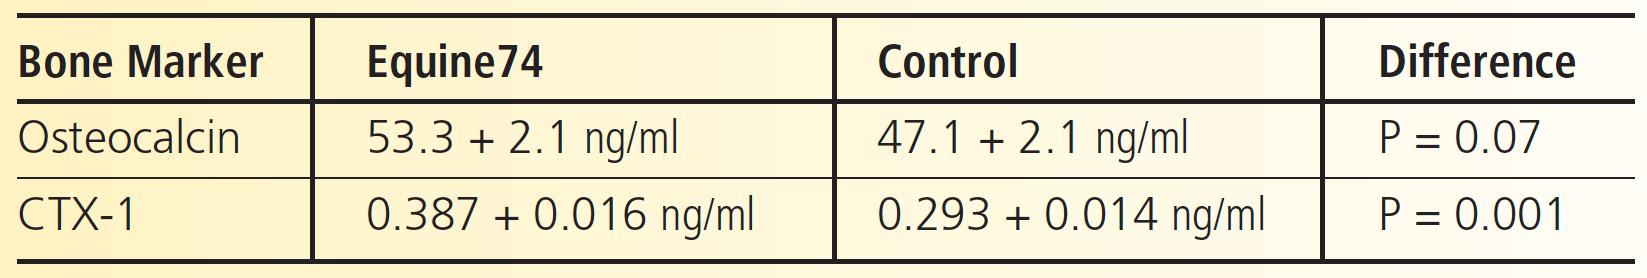 Bone Marker Equine74 Control Difference Osteocalcin 53.3 + 2.1 ng/ml 47.1 + 2.1 ng/ml P = 0.07 CTX-1 0.387 + 0.016 ng/ml 0.293 + 0.014 ng/ml P = 0.001